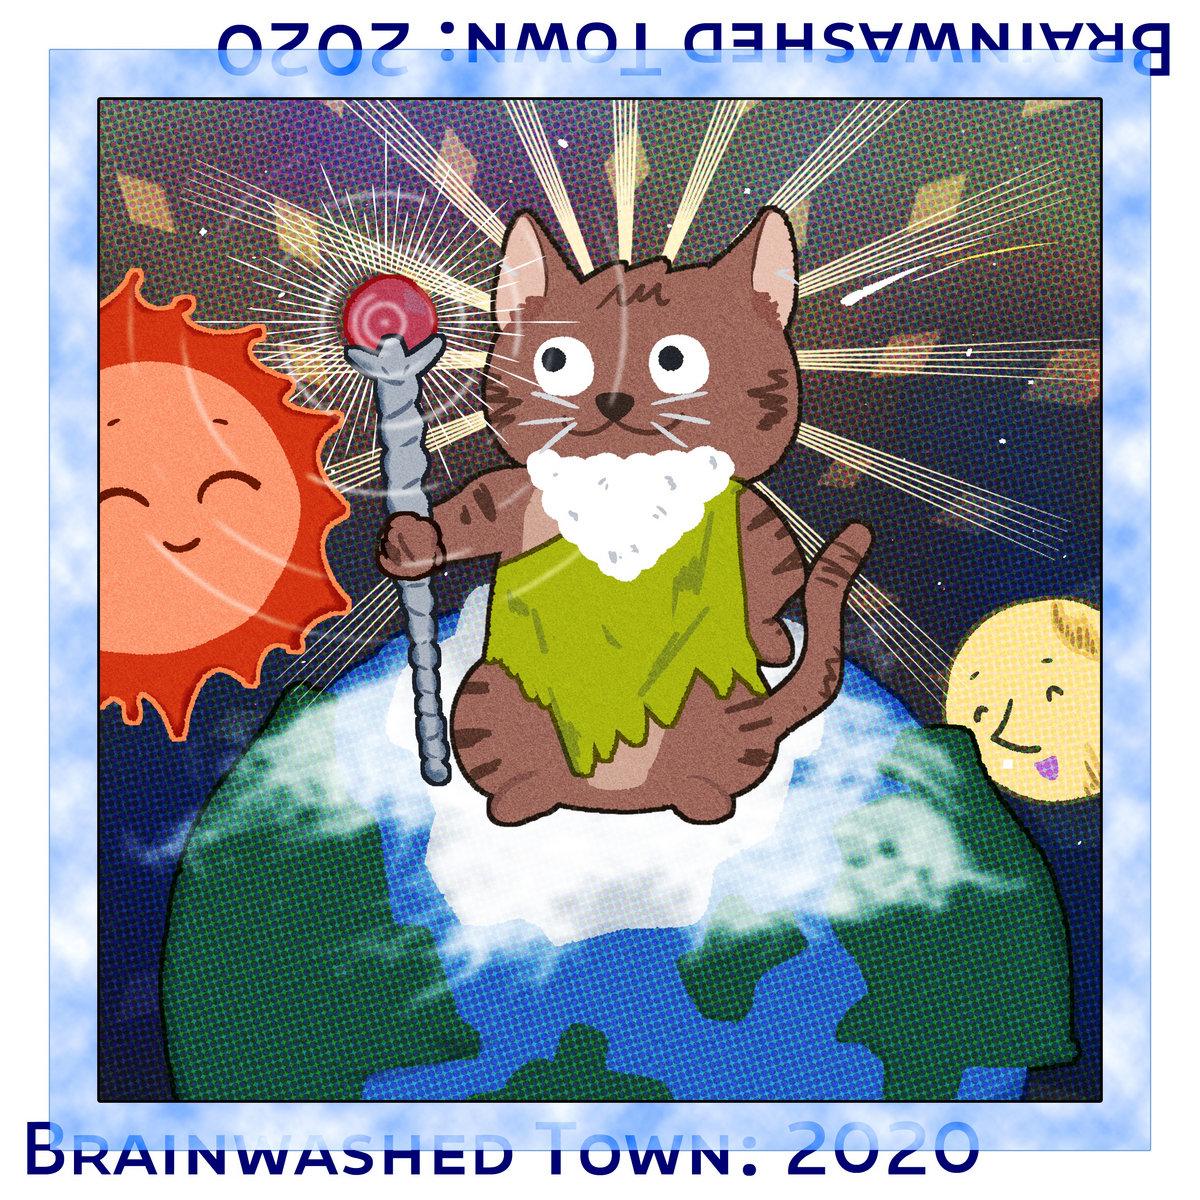 デジタルシングル「Brainwashed Town: 2020」のFree Downloadを公開!